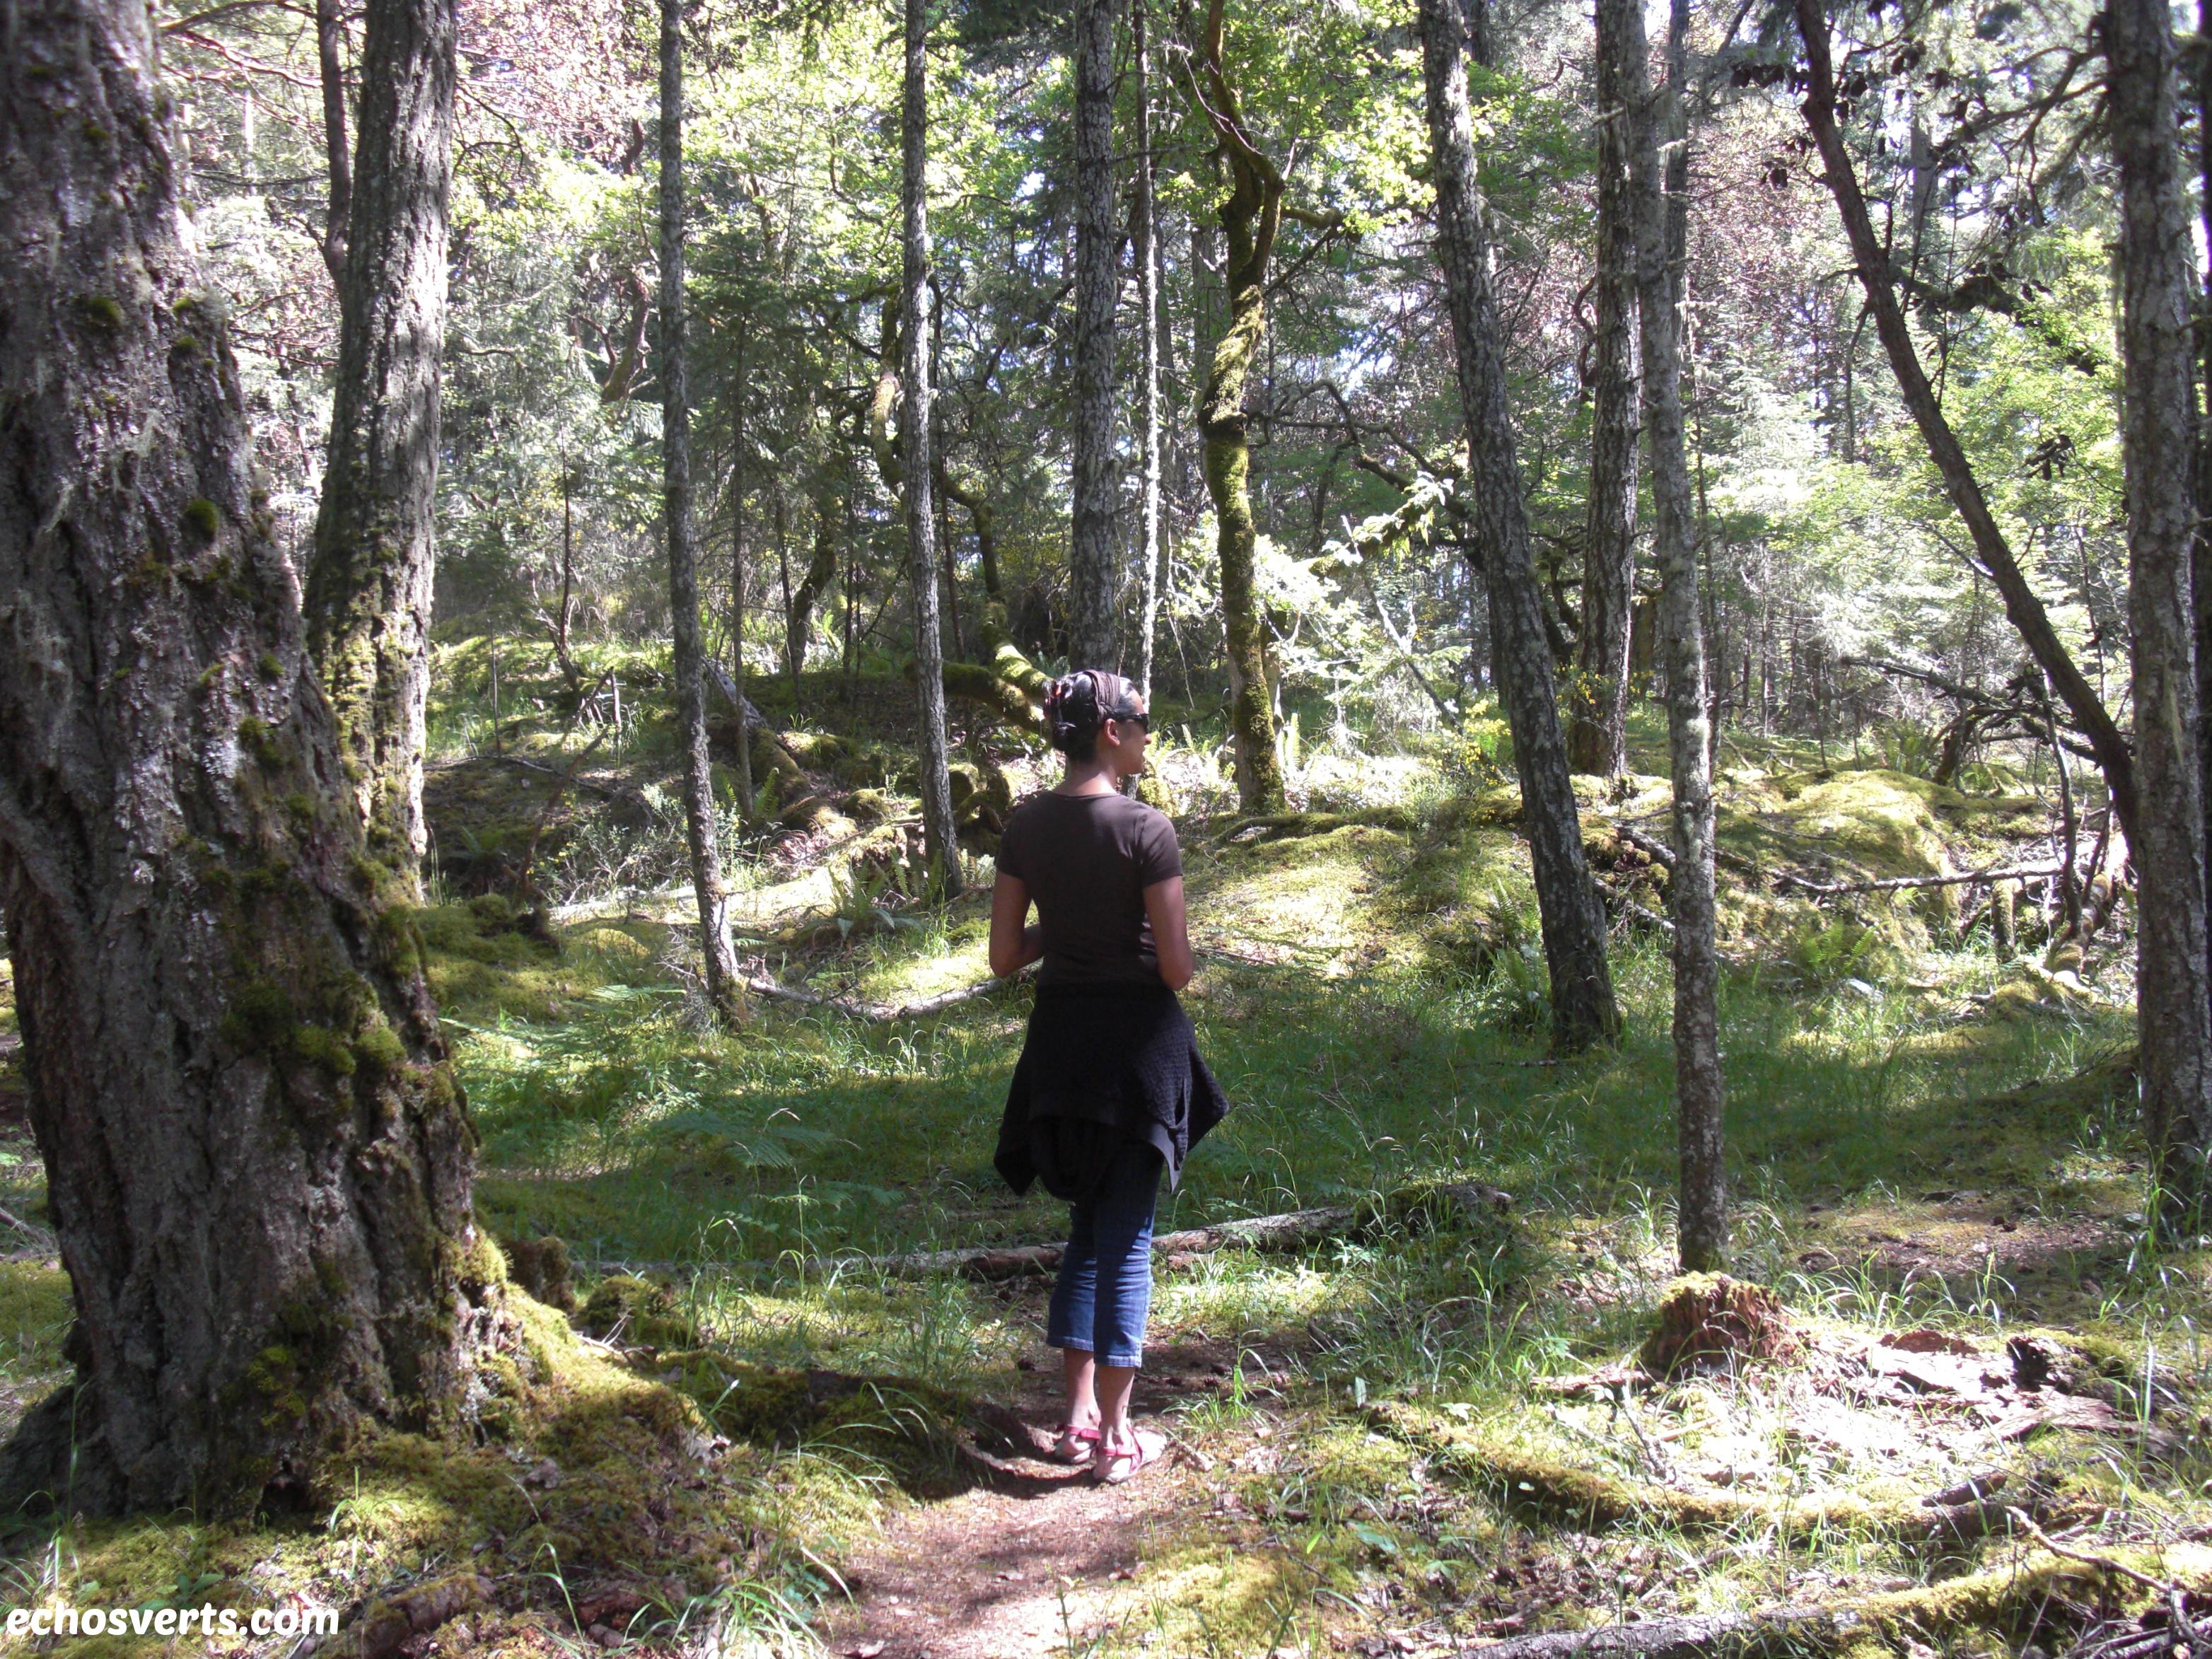 défi nature- copyright- échos verts- 2